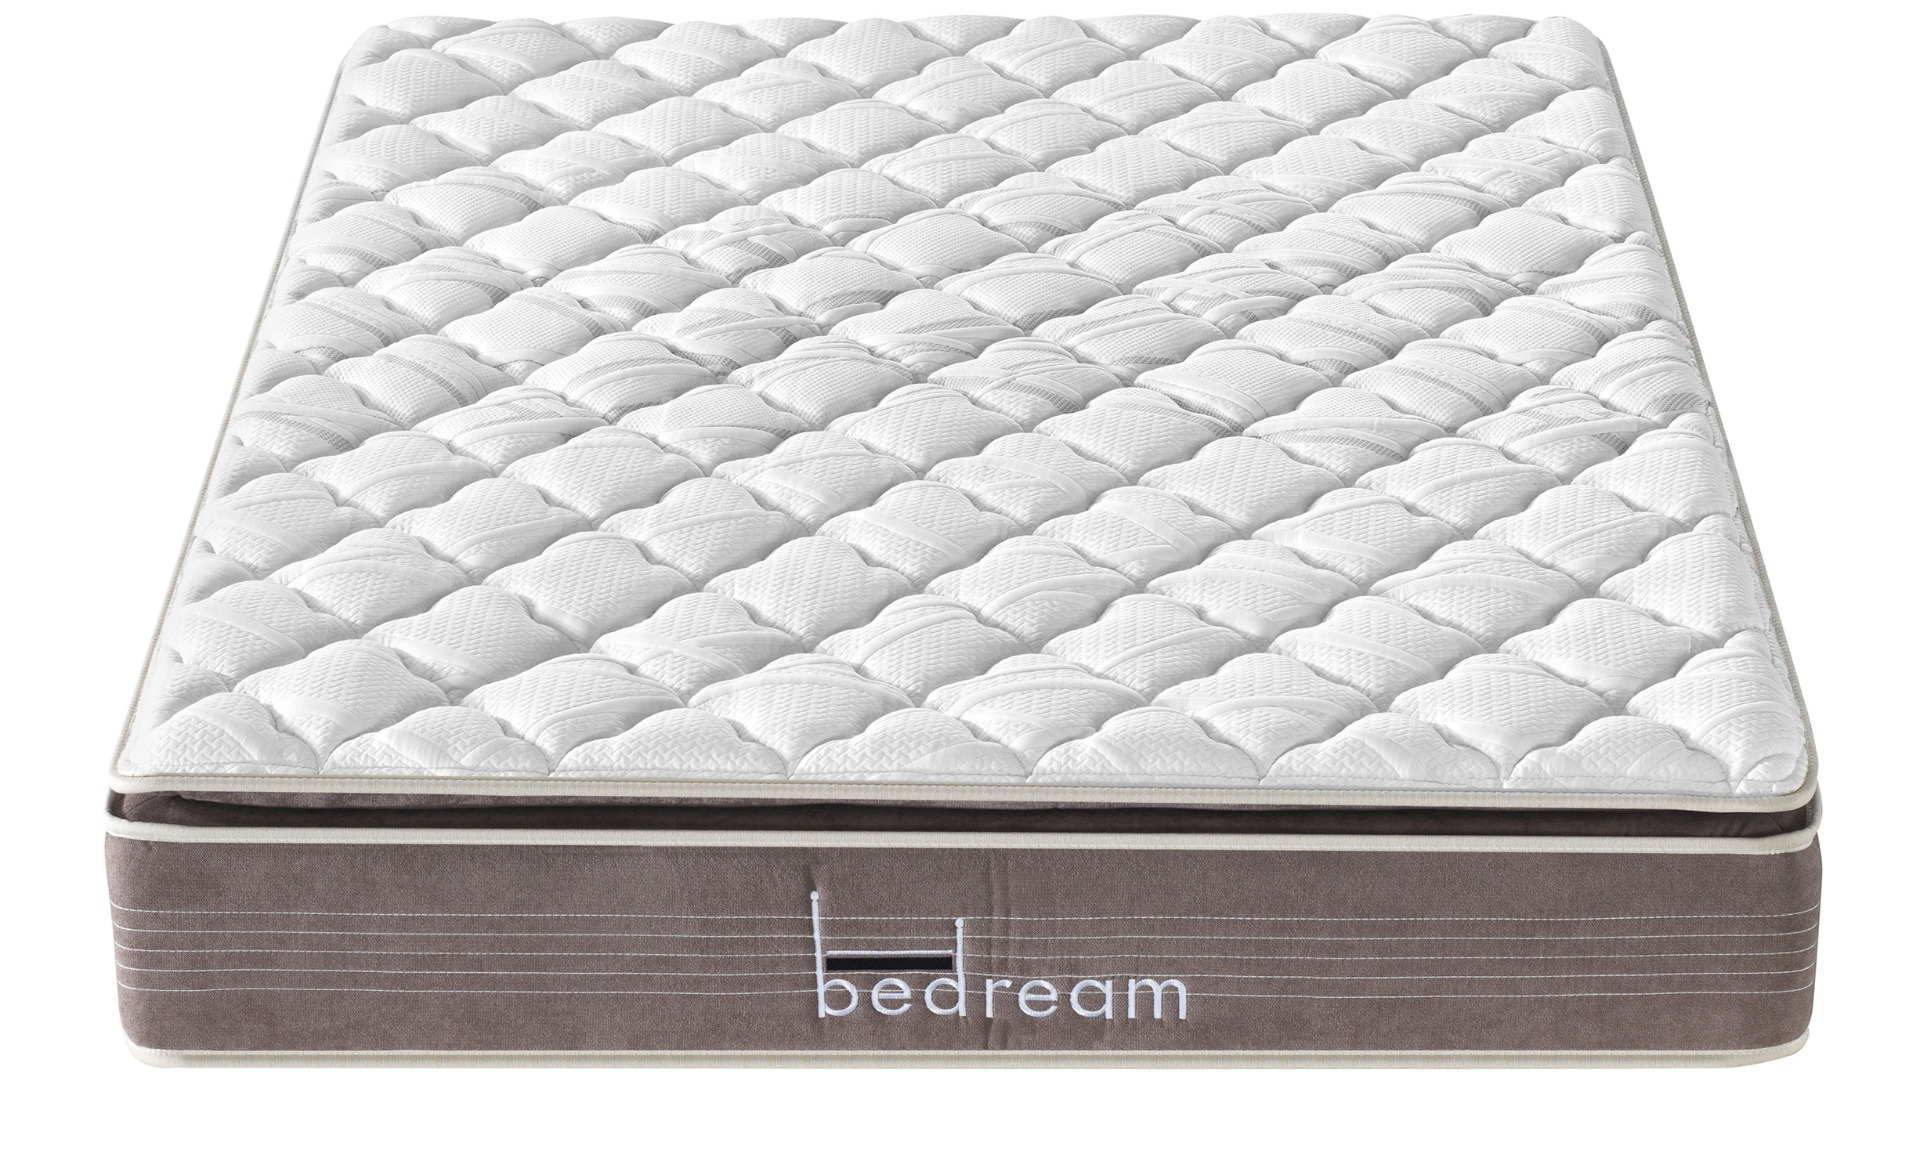 Matelas avec mini-ressorts ensachés et mémoire de forme Bedream Deluxe 140x190cm